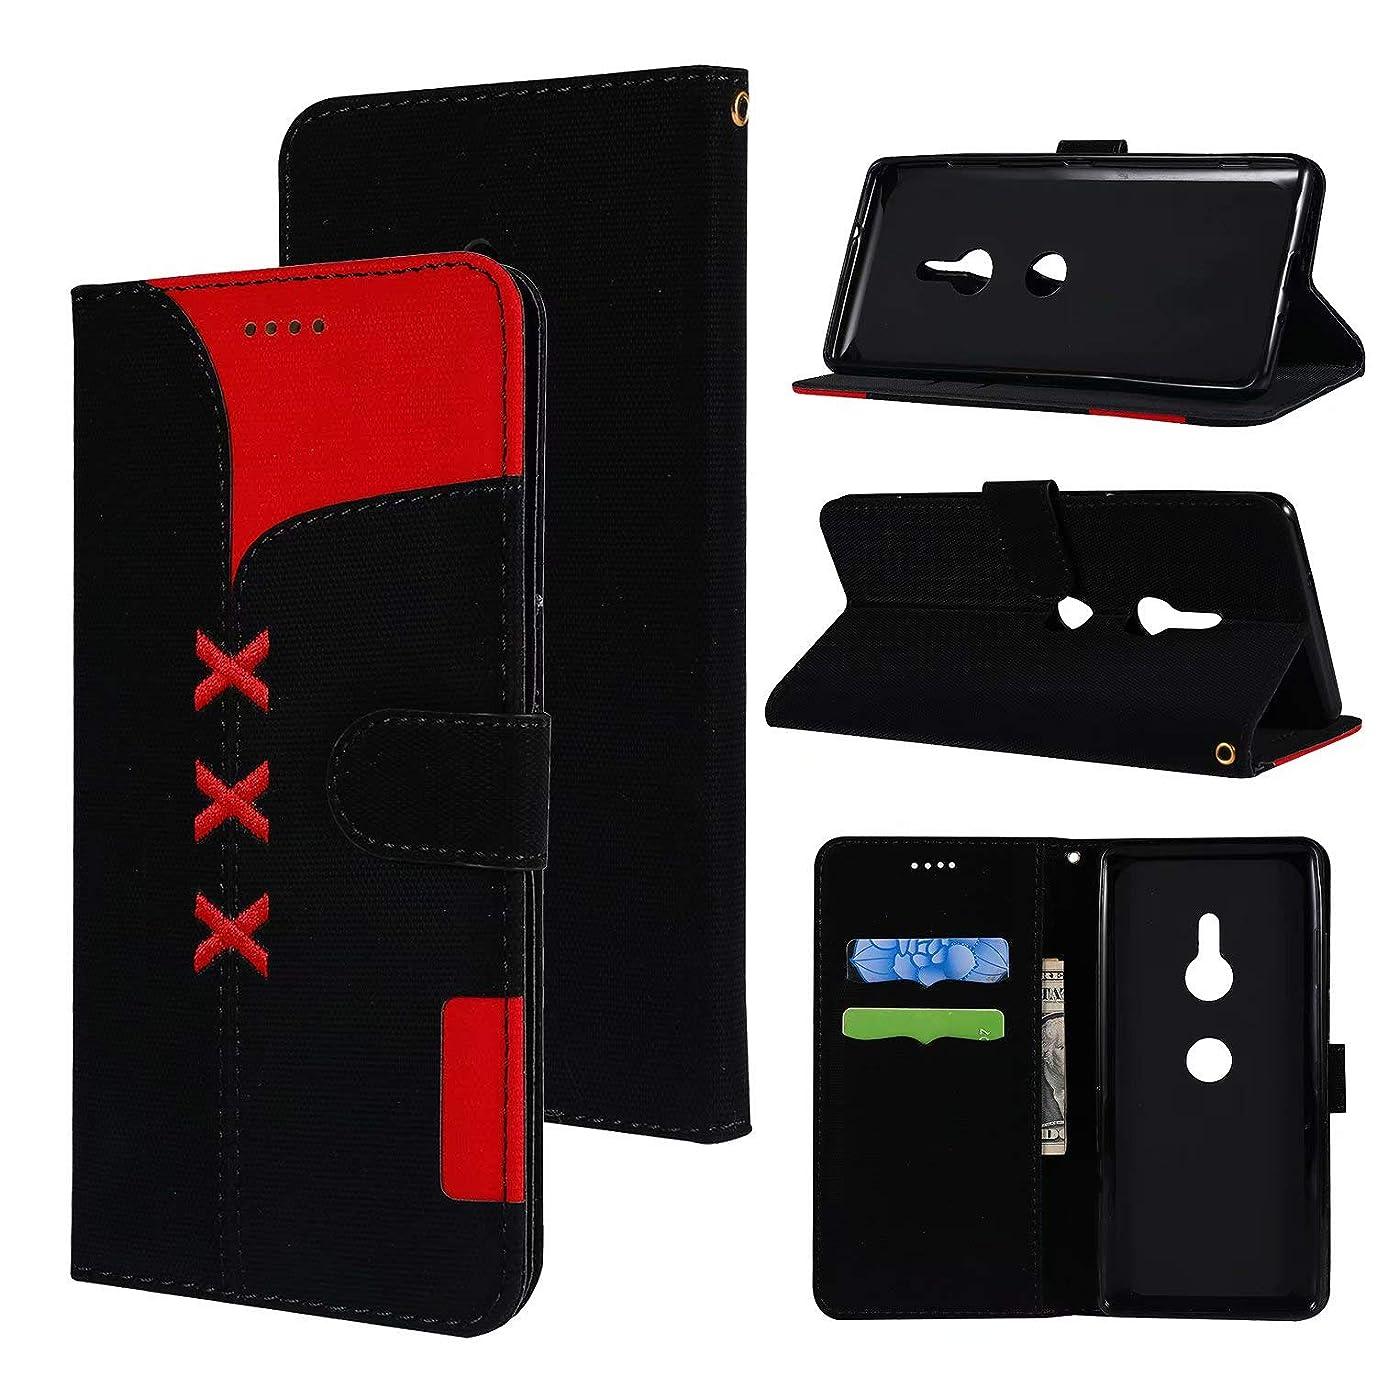 Xperia XZ3 ケース エクスペリア SO-01L カバー 手帳型 人気 PUレザー SoftBank 801SO スマホケース おしゃれ 刺繍 二層構造 スタンド フリップ Xperia XZ3 財布型カバー カードスロット 磁気バックル SOV39 ケース ノートタイプ ストラップ付き 全面保護 エクスペリア XZ3ケース (Xperia XZ3, ブラック)